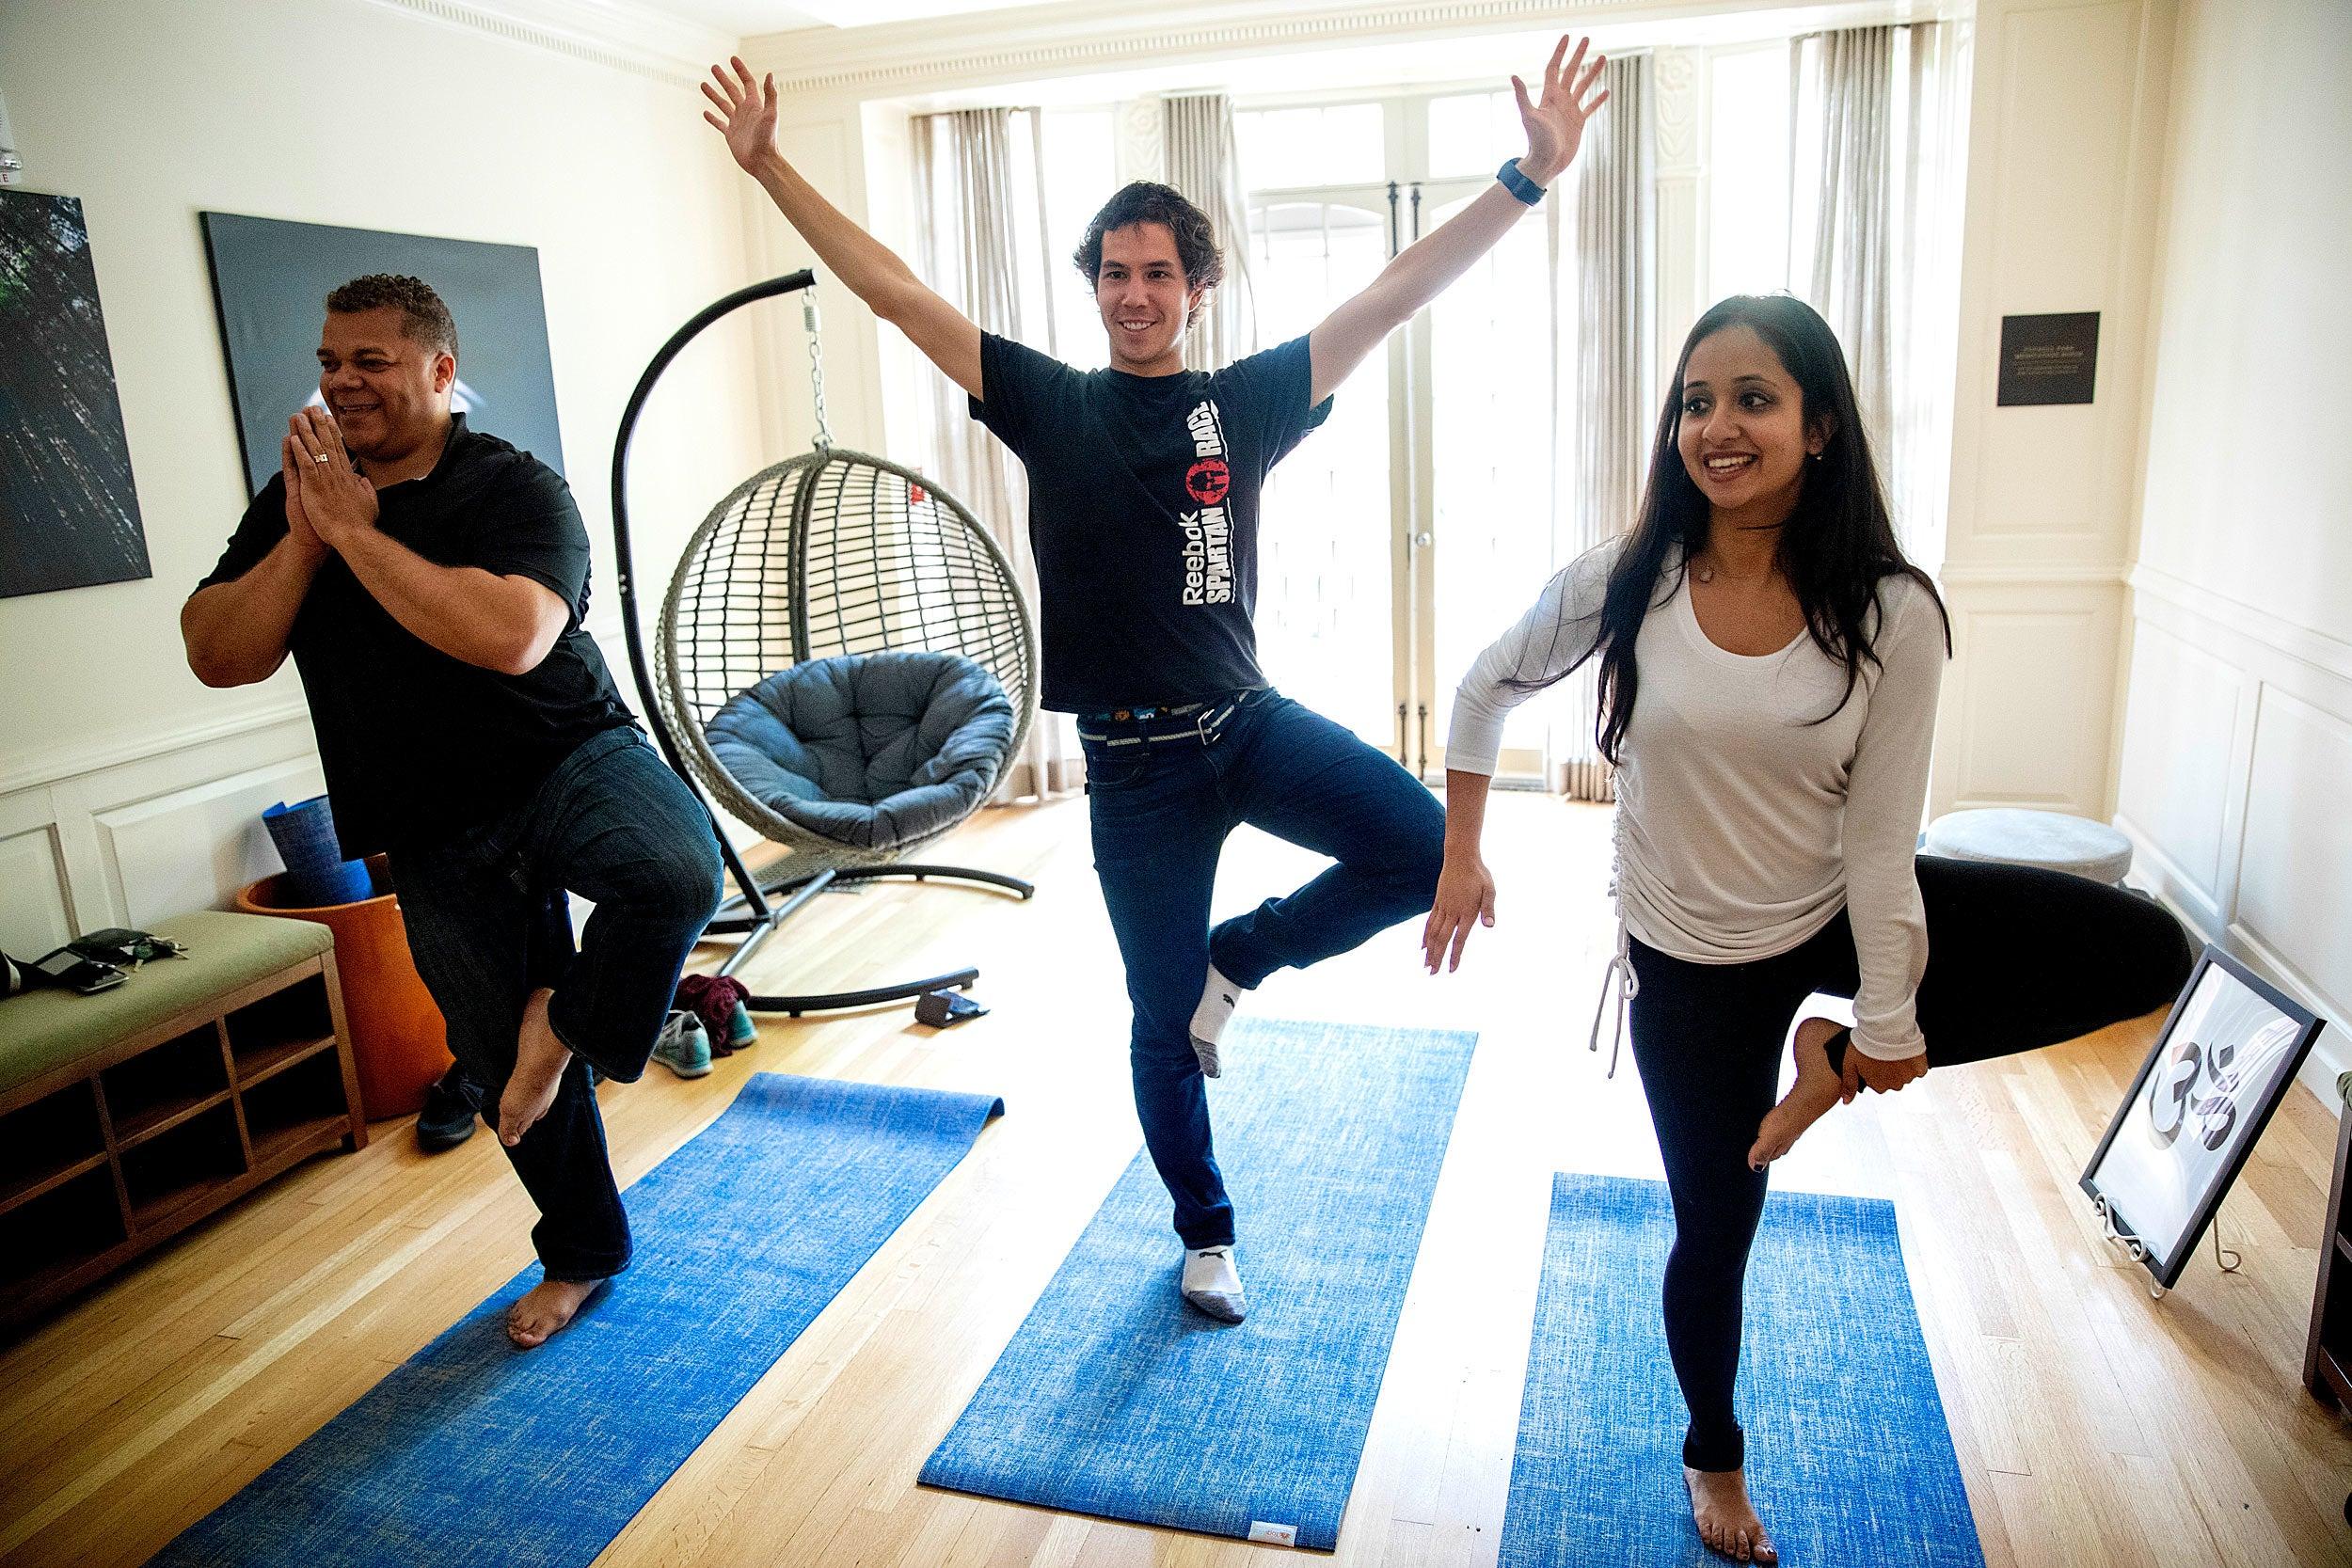 Carl Miller, Andrew Wong, and Kirin Gupta